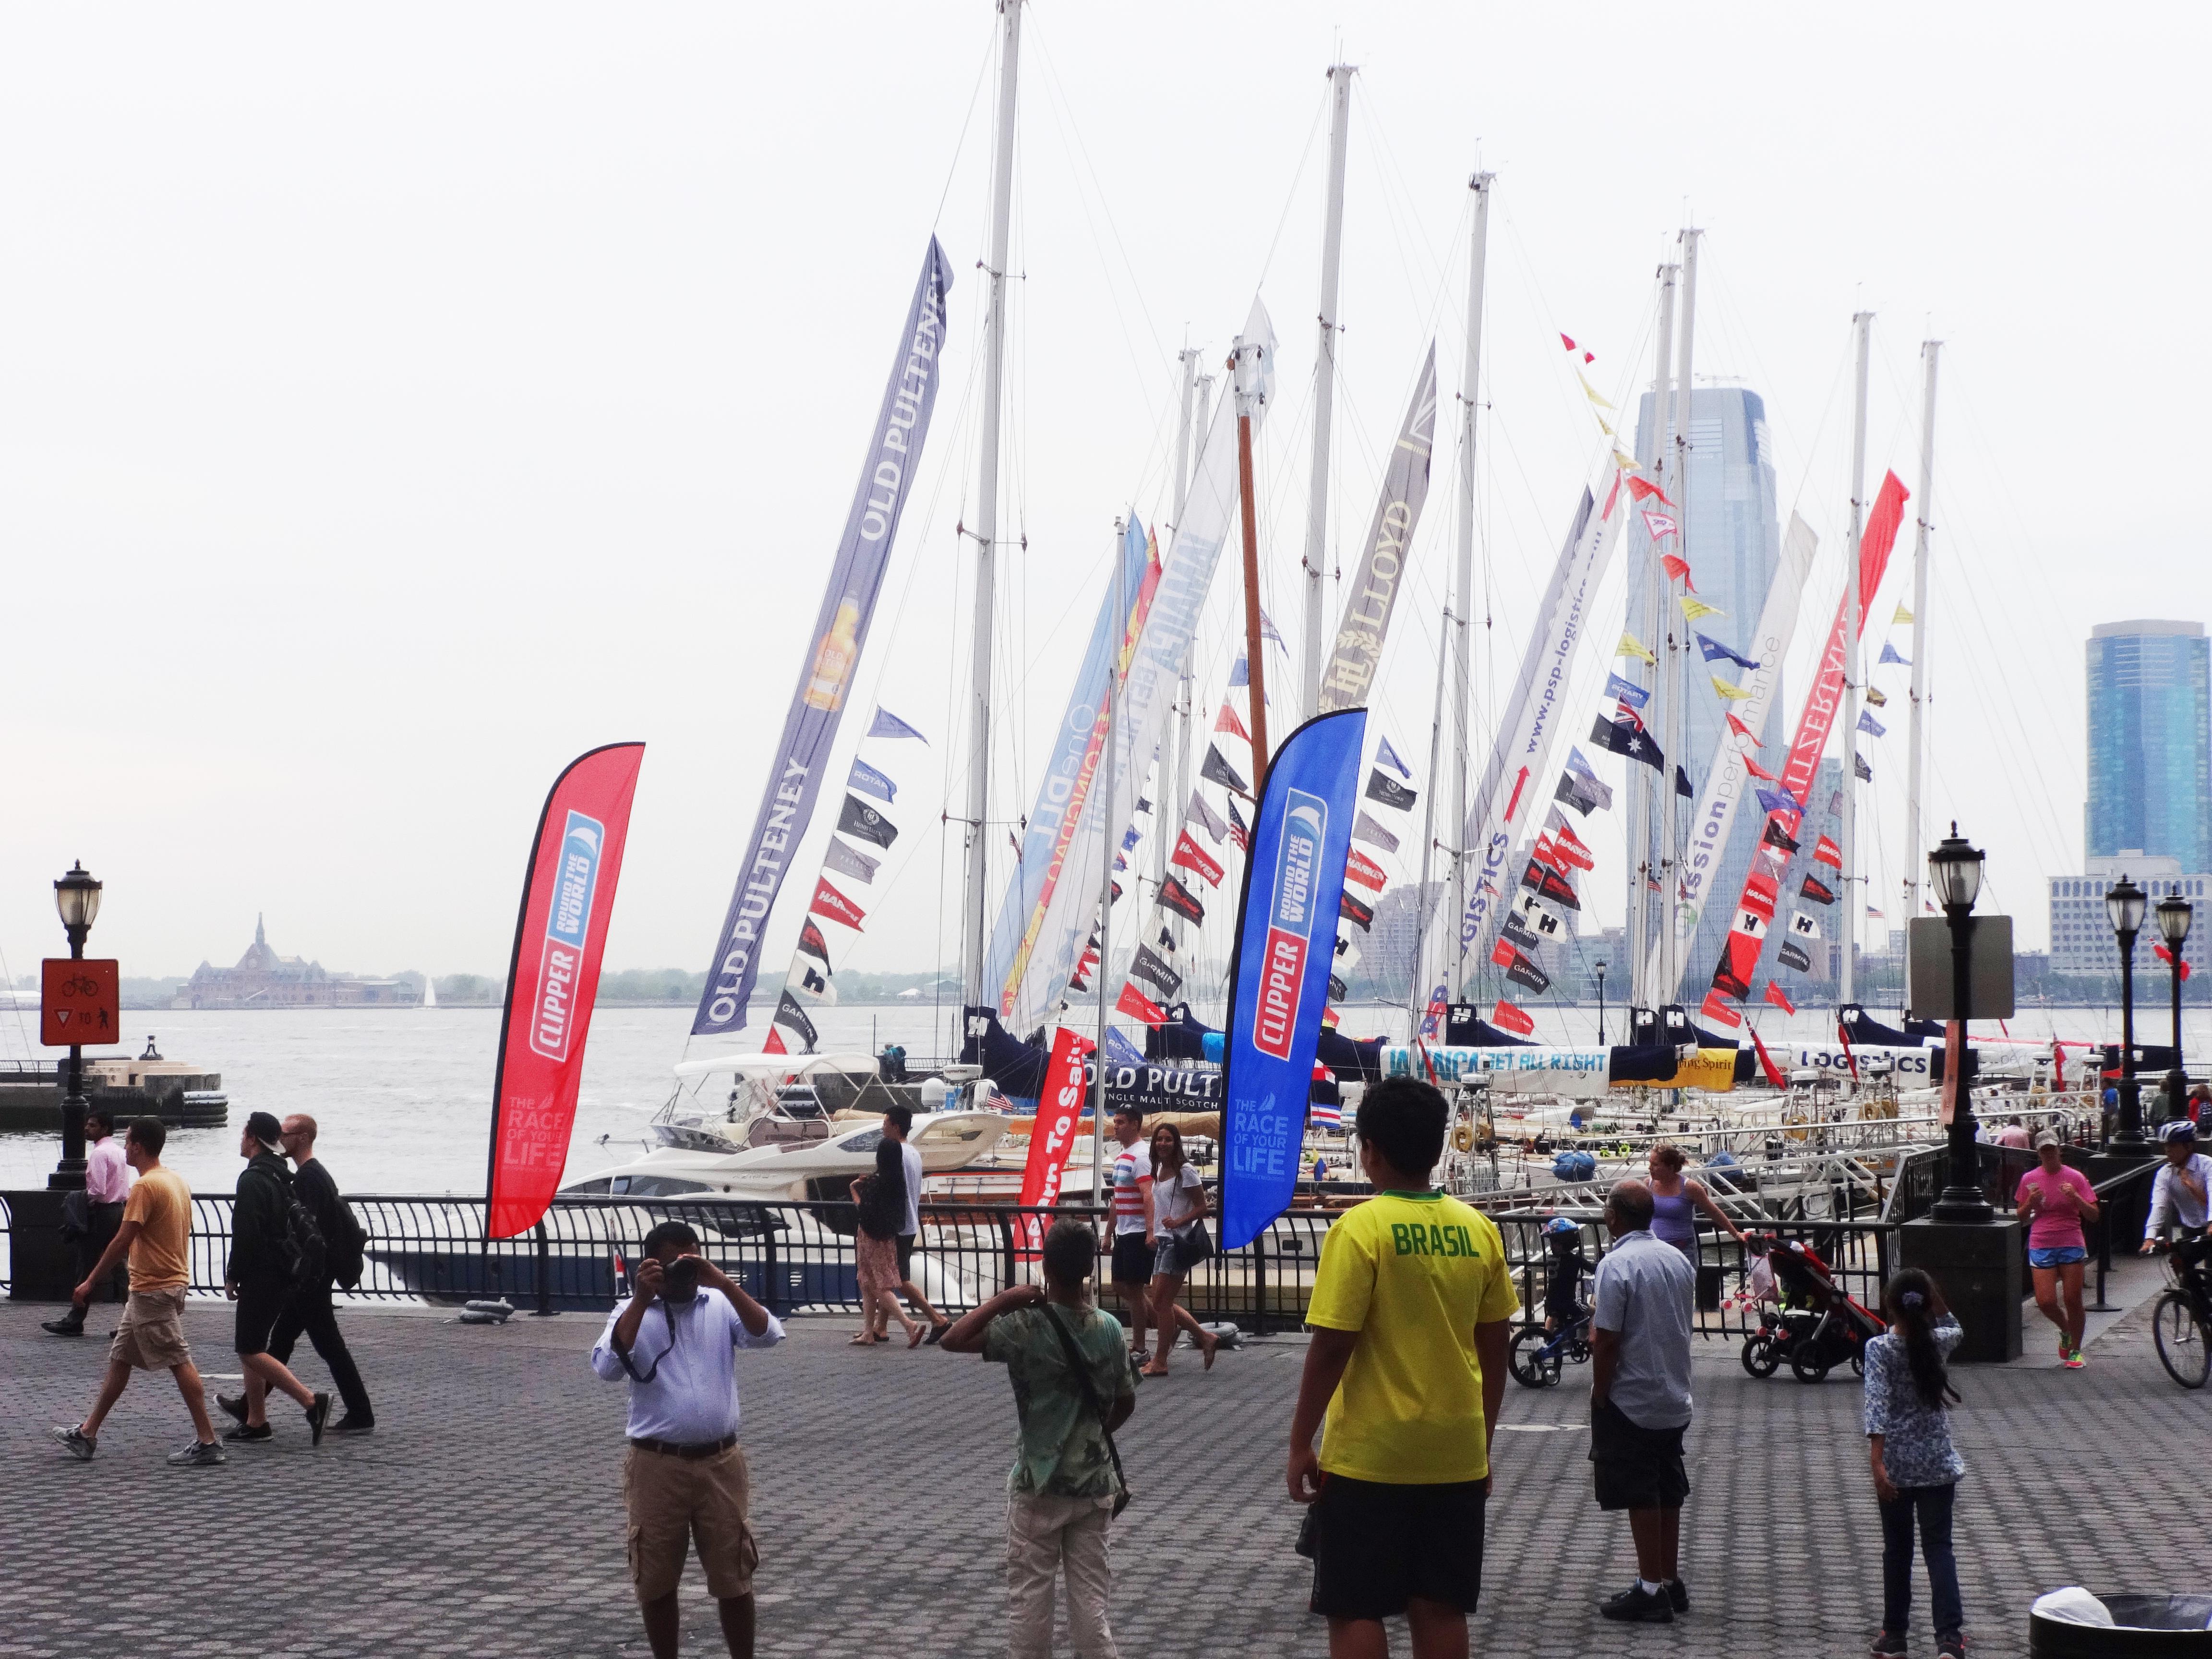 Racing sailboats in North Cove Marina